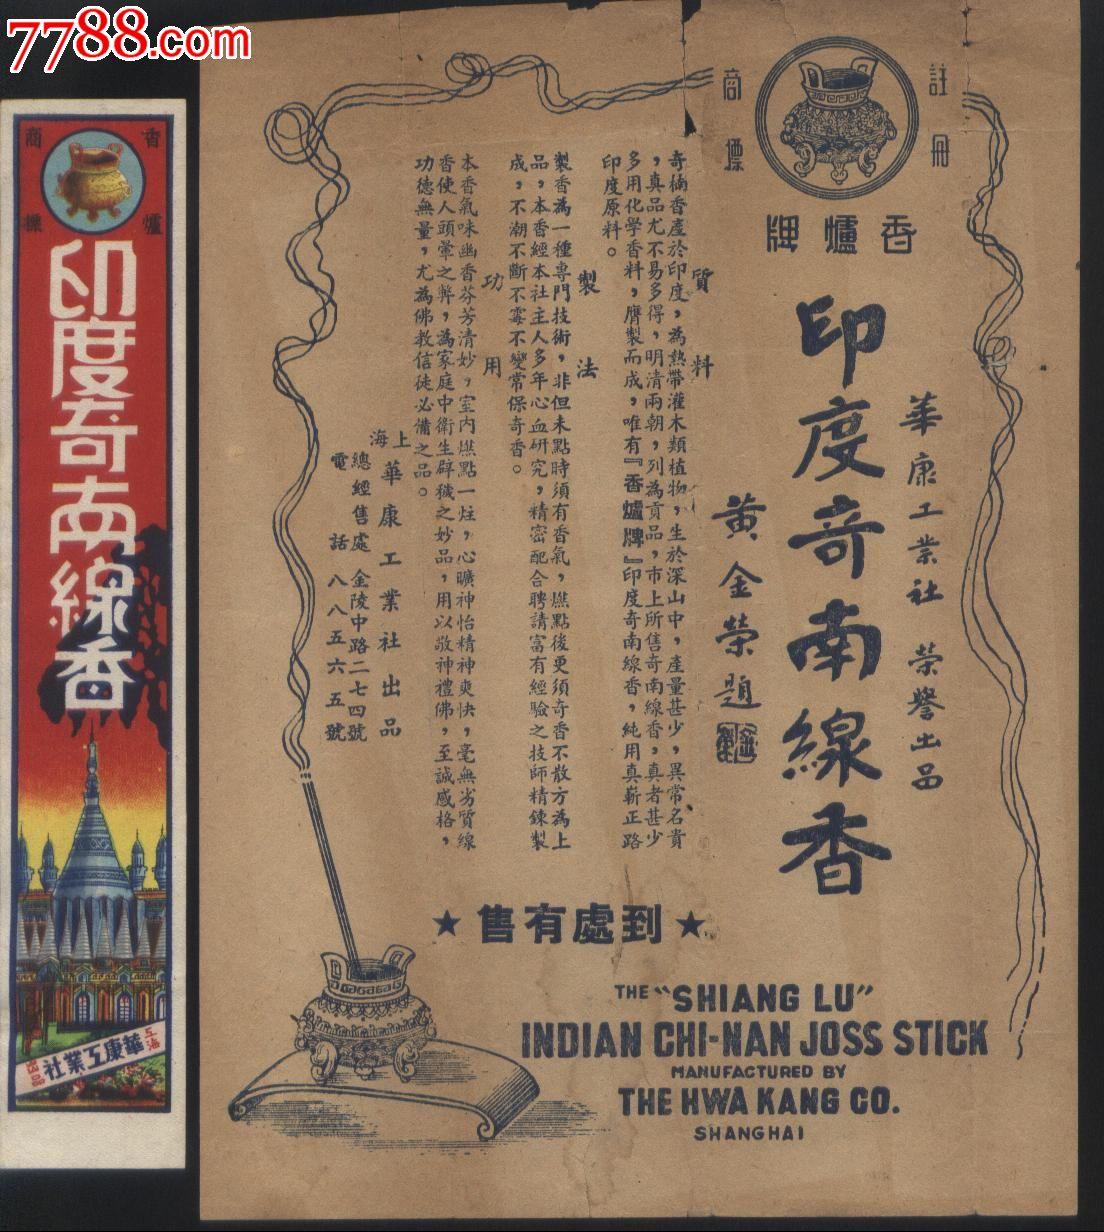 极少见民国老商标-印有上海青帮大亨黄金荣题词的印度